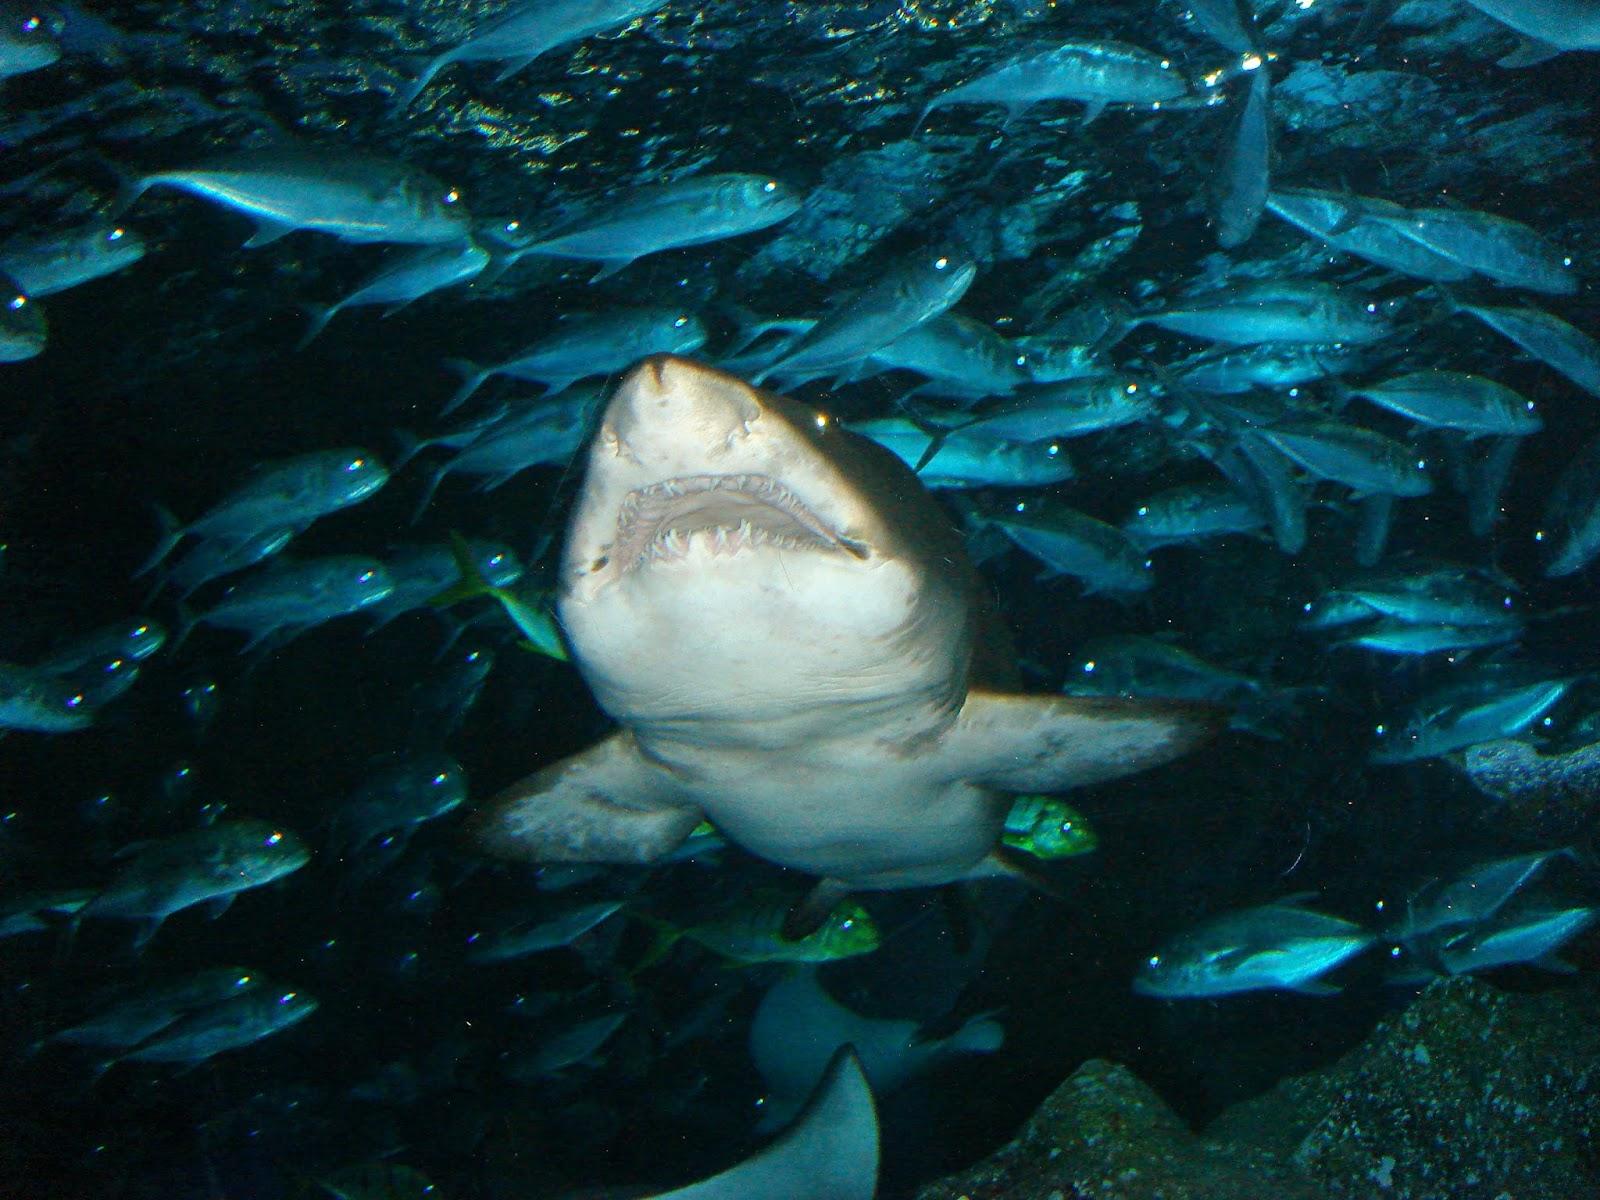 föder alla hajar levande ungar